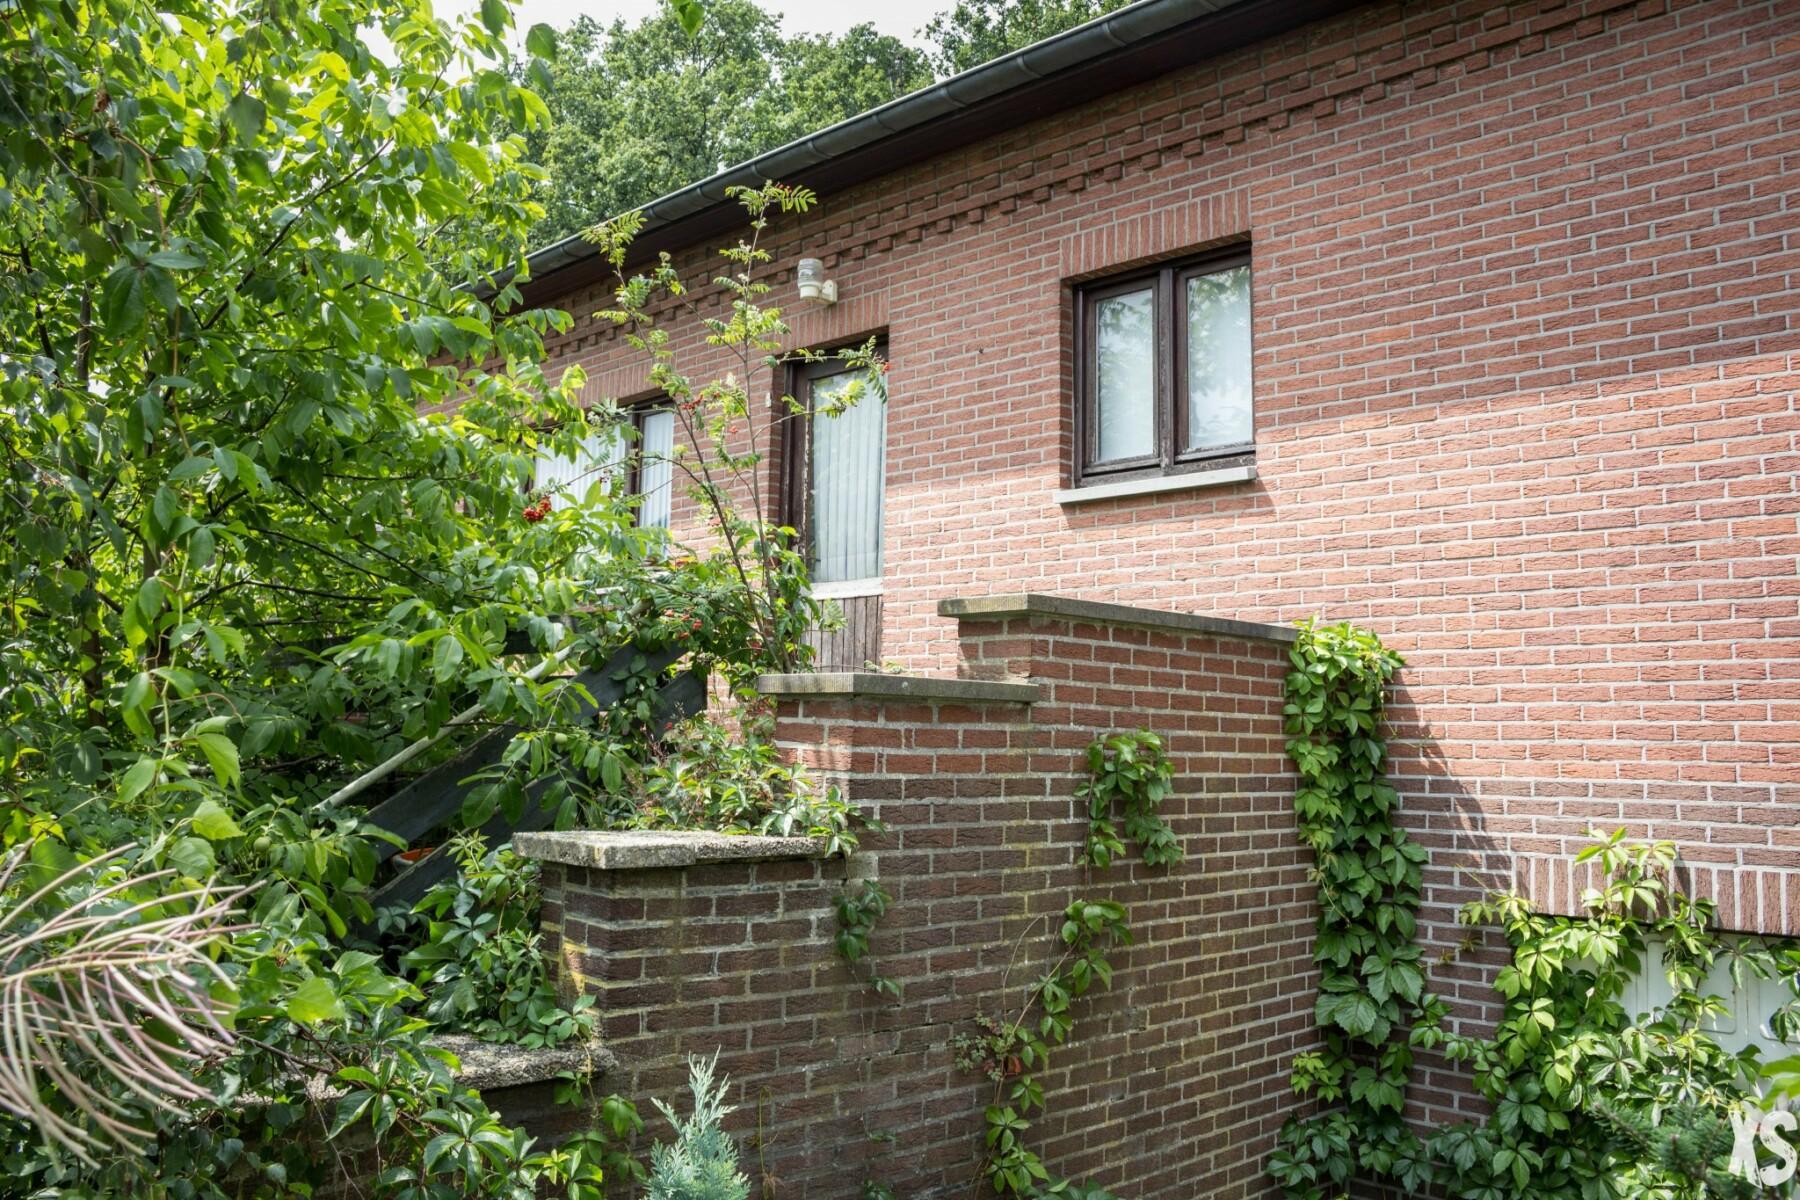 Maison lucien carr exploration urbex en belgique - Maisons abandonnees belgique ...